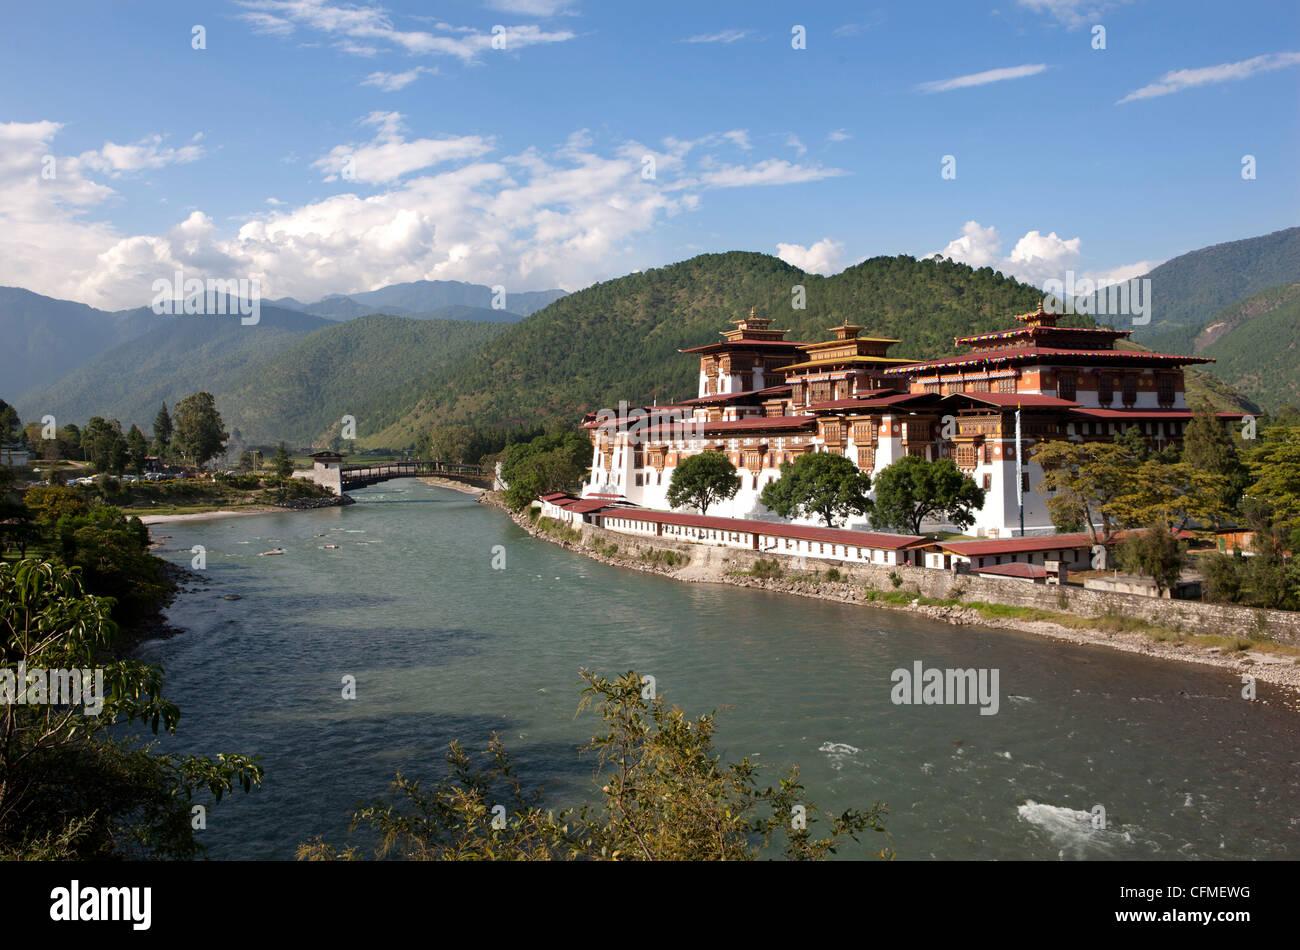 Punakha Dzong, Punakha Valley, Bhutan, Asia - Stock Image